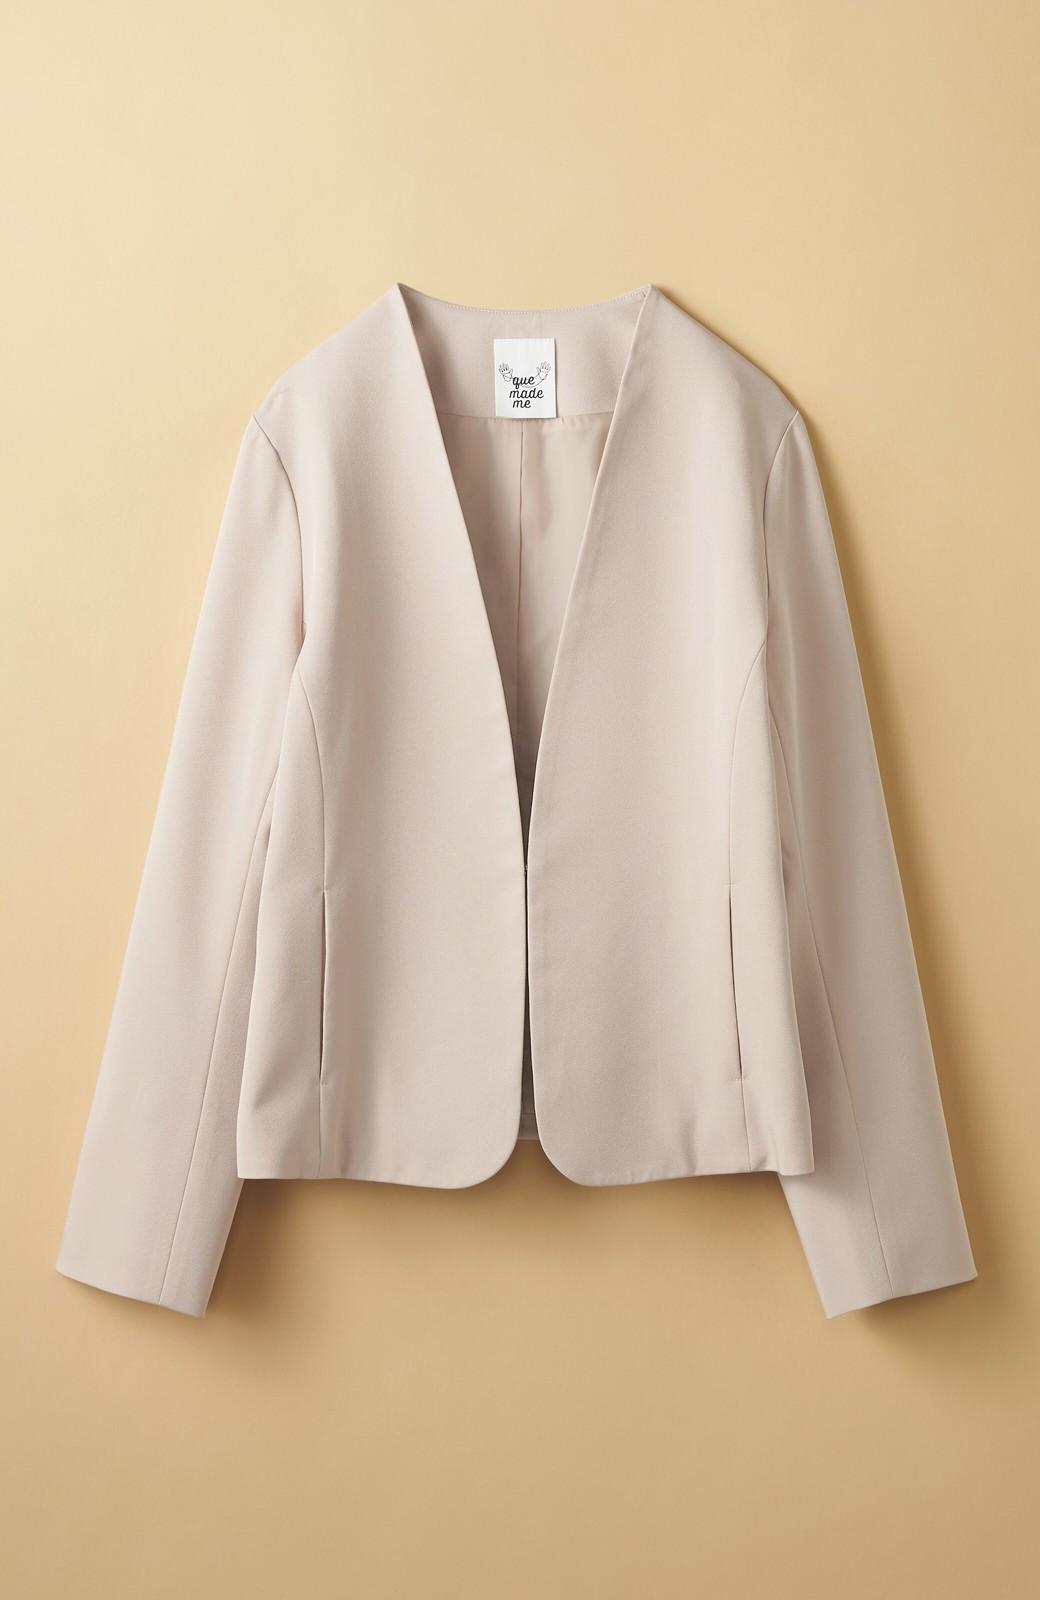 haco! いざというとき困らないための 大人のフォーマル裏地付きジャケット・スカート2点セット by que made me <ベージュ>の商品写真3